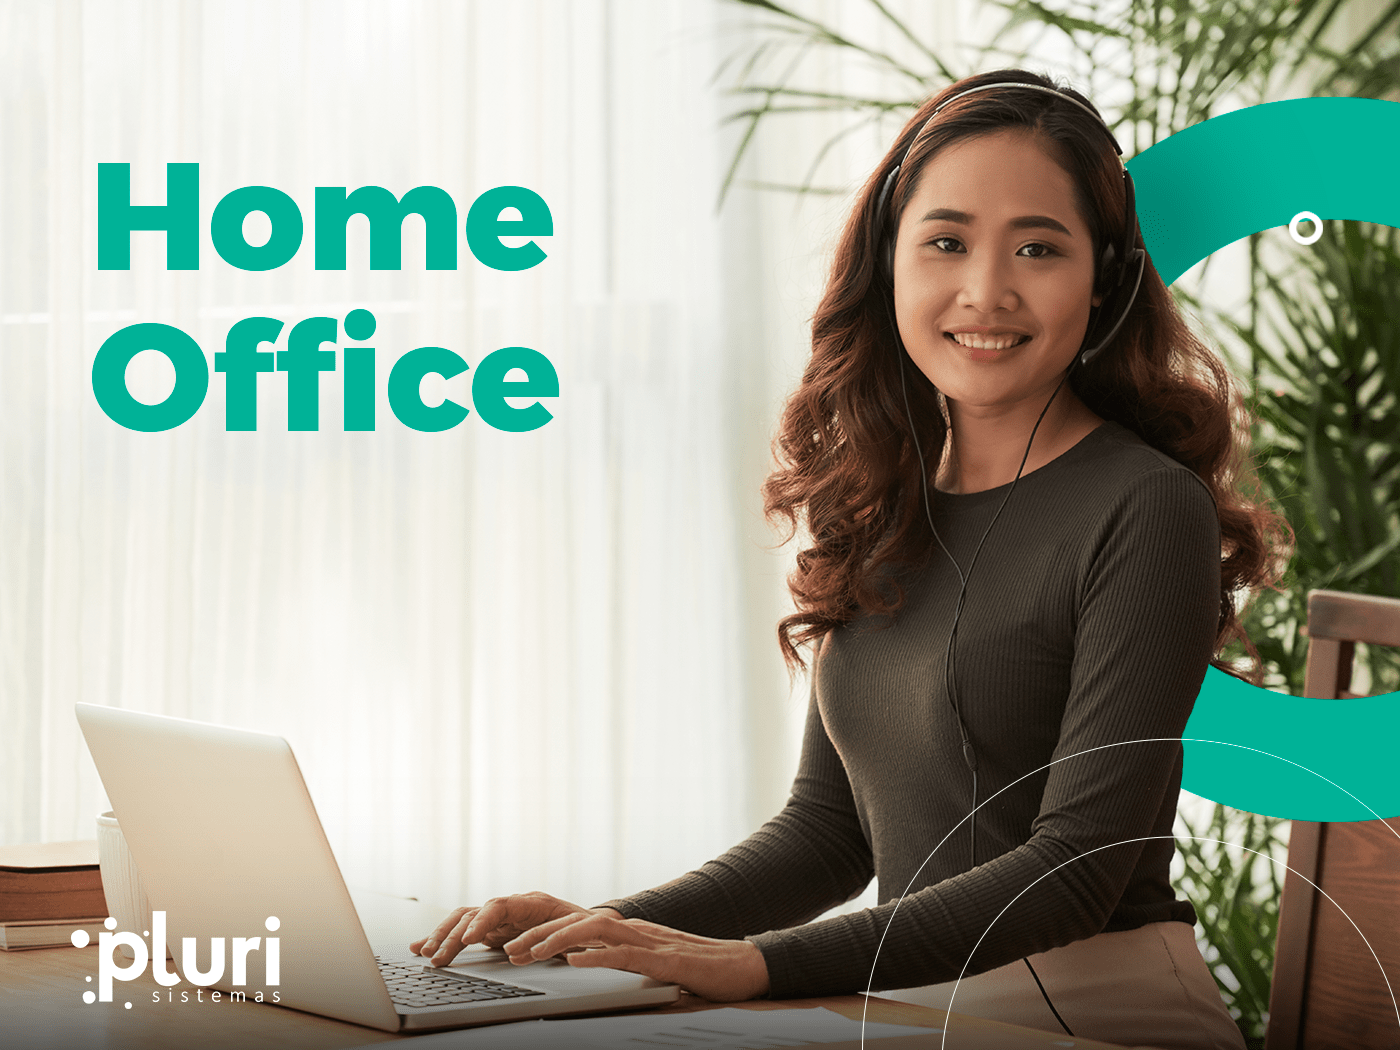 call center home office pluri sistemas